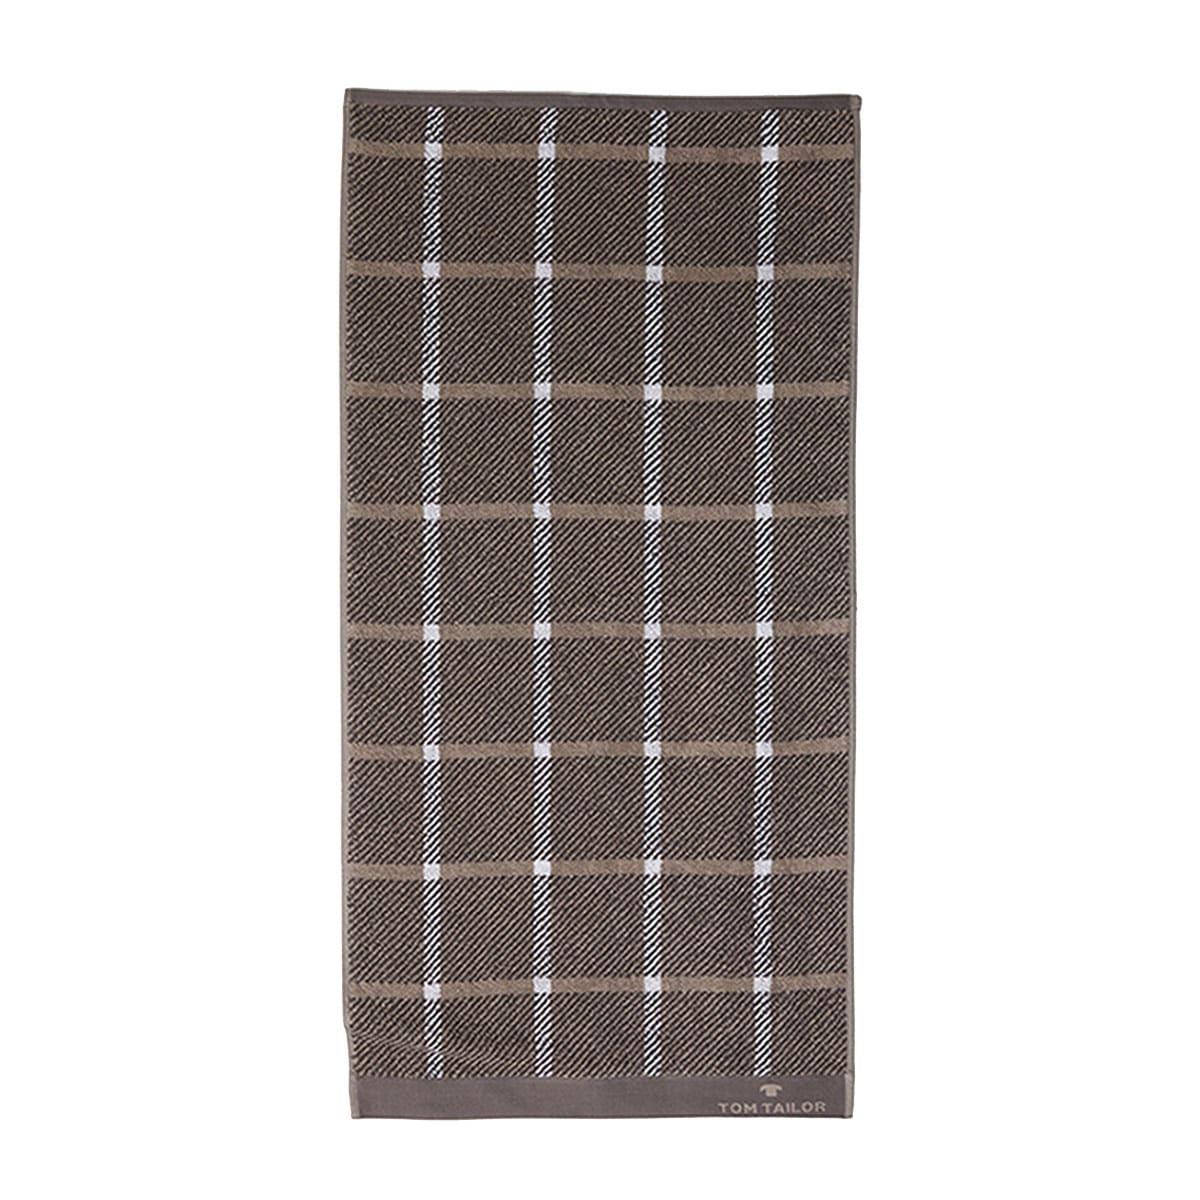 Πετσέτα 100 272 902 Dark Grey Tom Tailor Σώματος 70x140cm